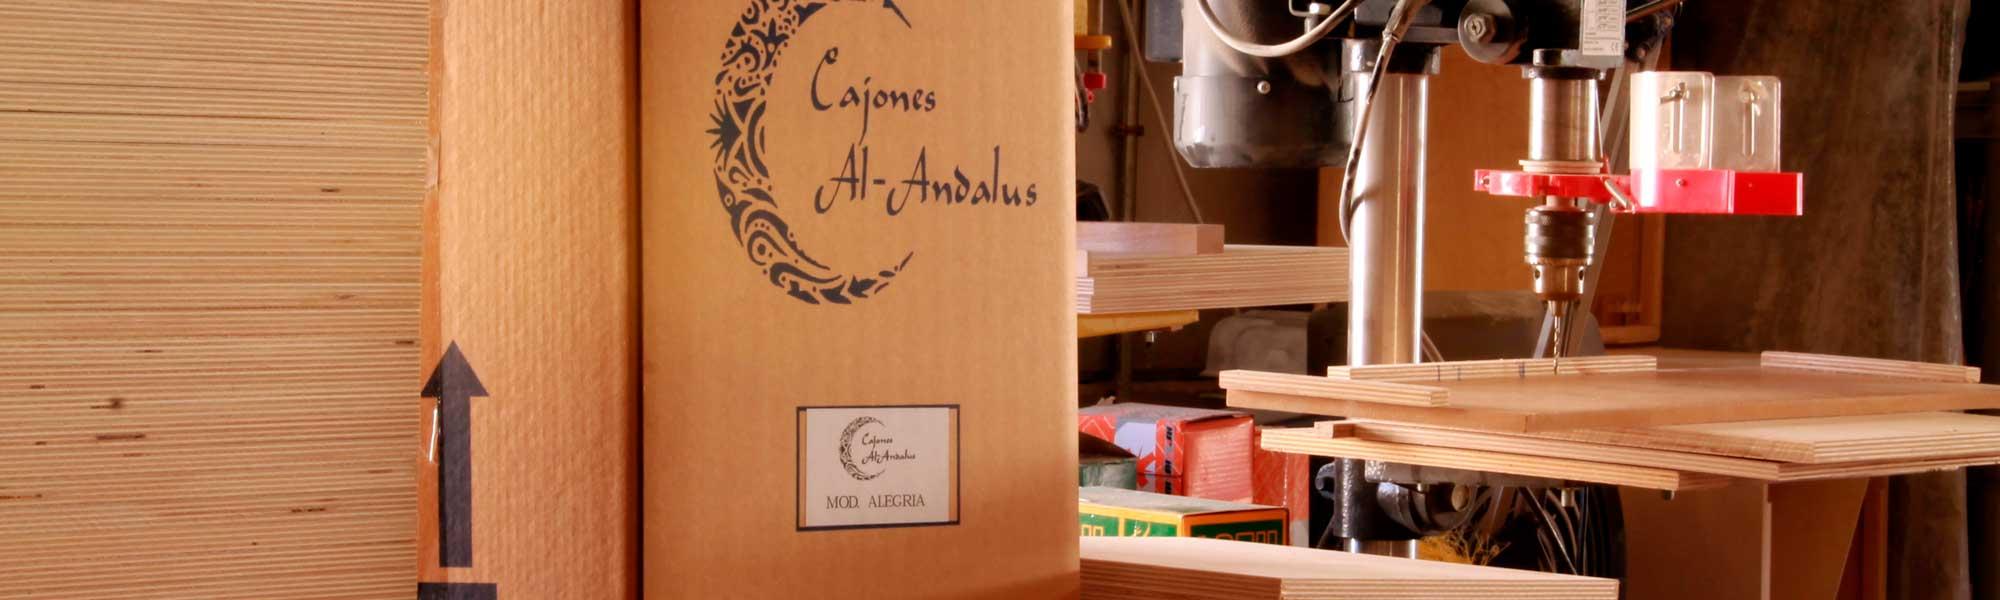 Entra en nuestra tienda y encuentra el cajón flamenco que buscas